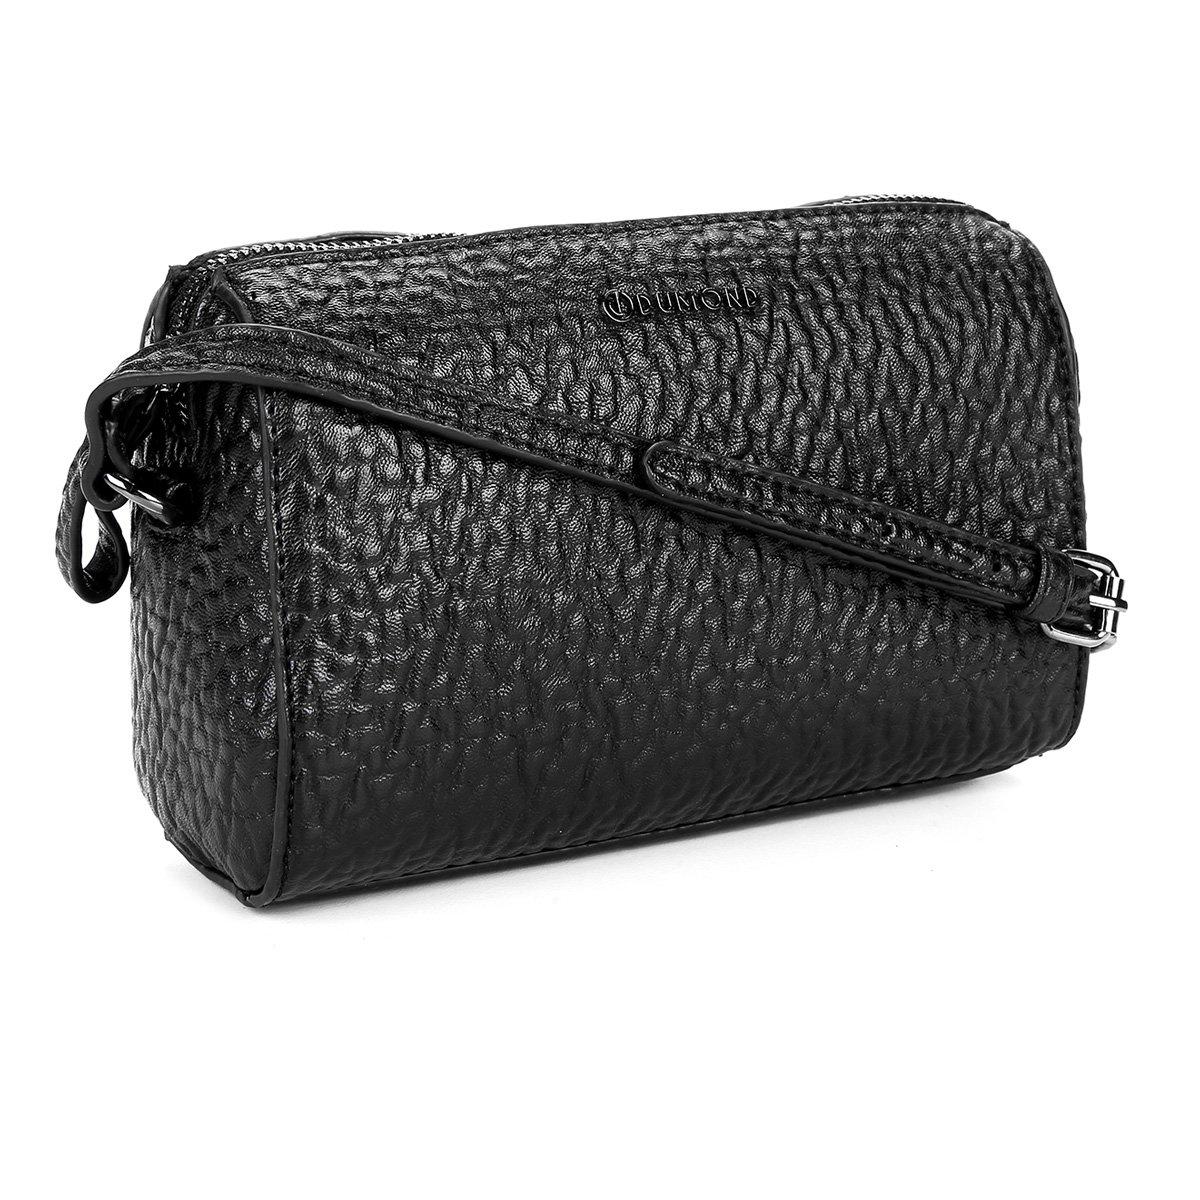 2e71406e9 Bolsa Dumond Mini Bag Matelassê Alça Transversal Feminina - Preto ...